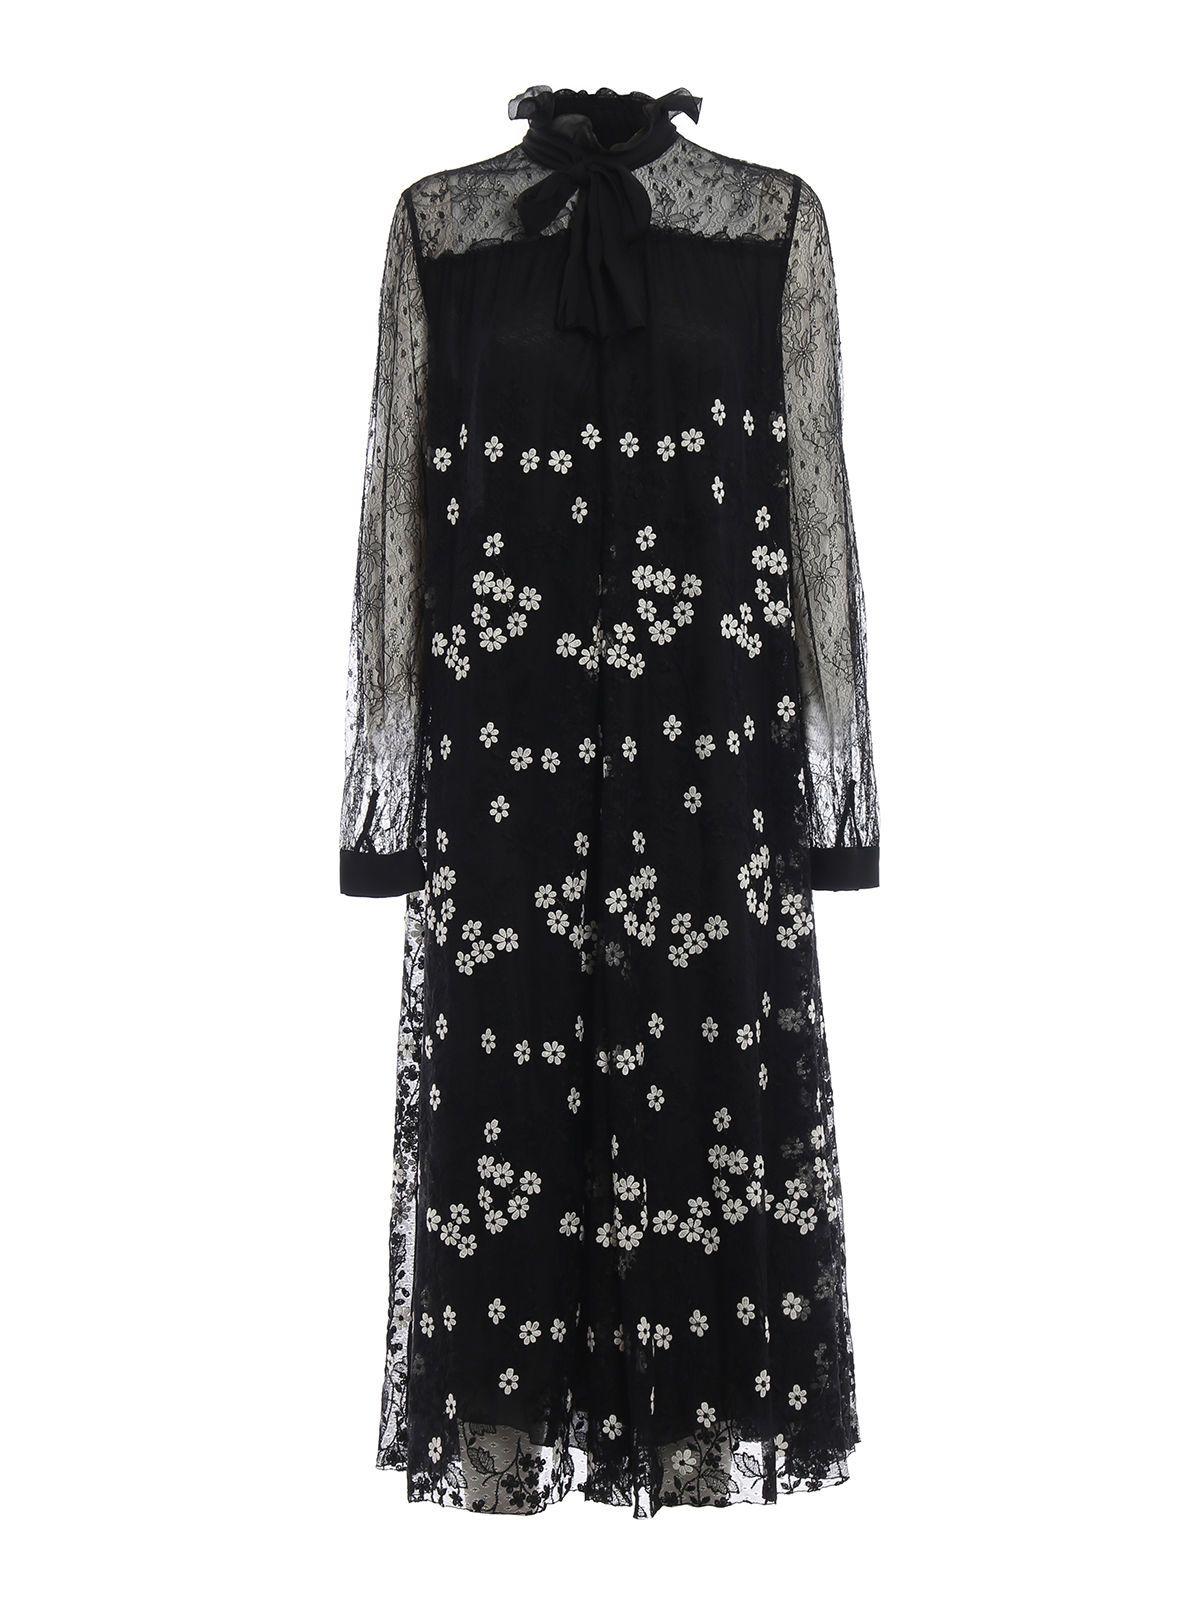 GIAMBATTISTA VALLI Floral Embroidered Lace Midi Dress in Black